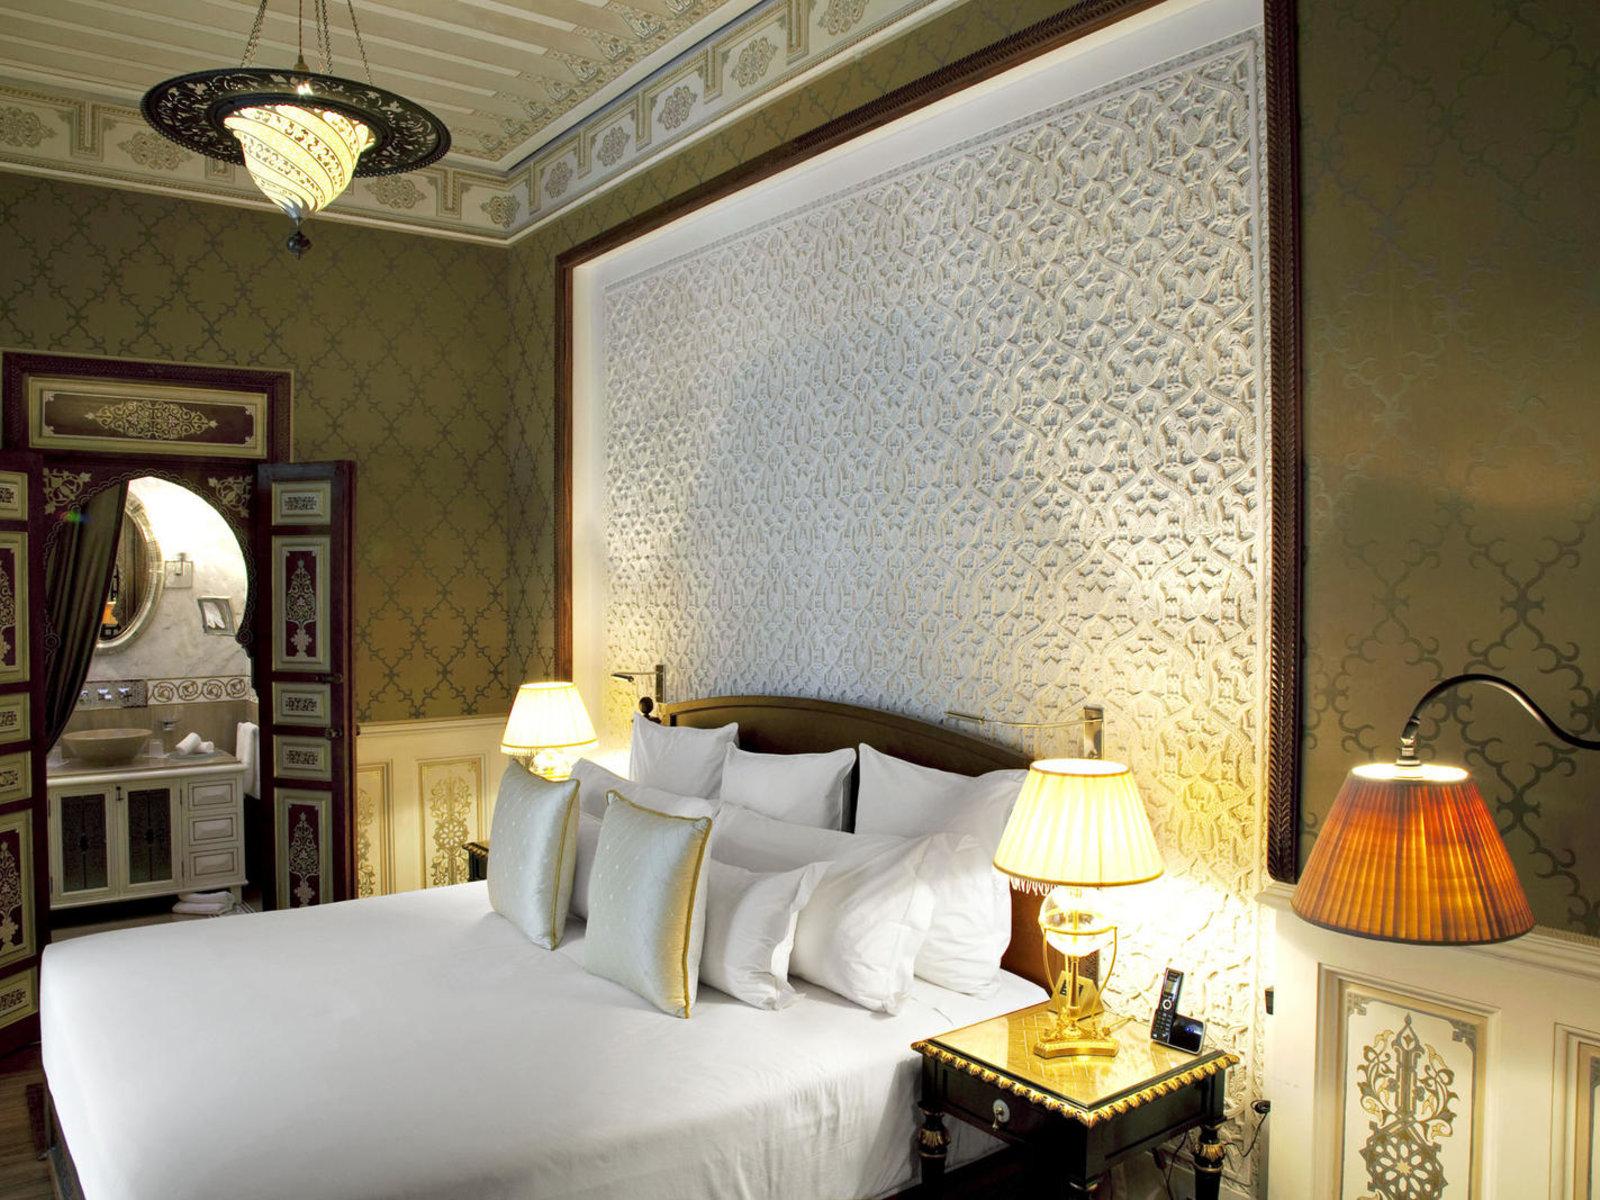 Wohnbeispiel Superior 1 bedroom riad